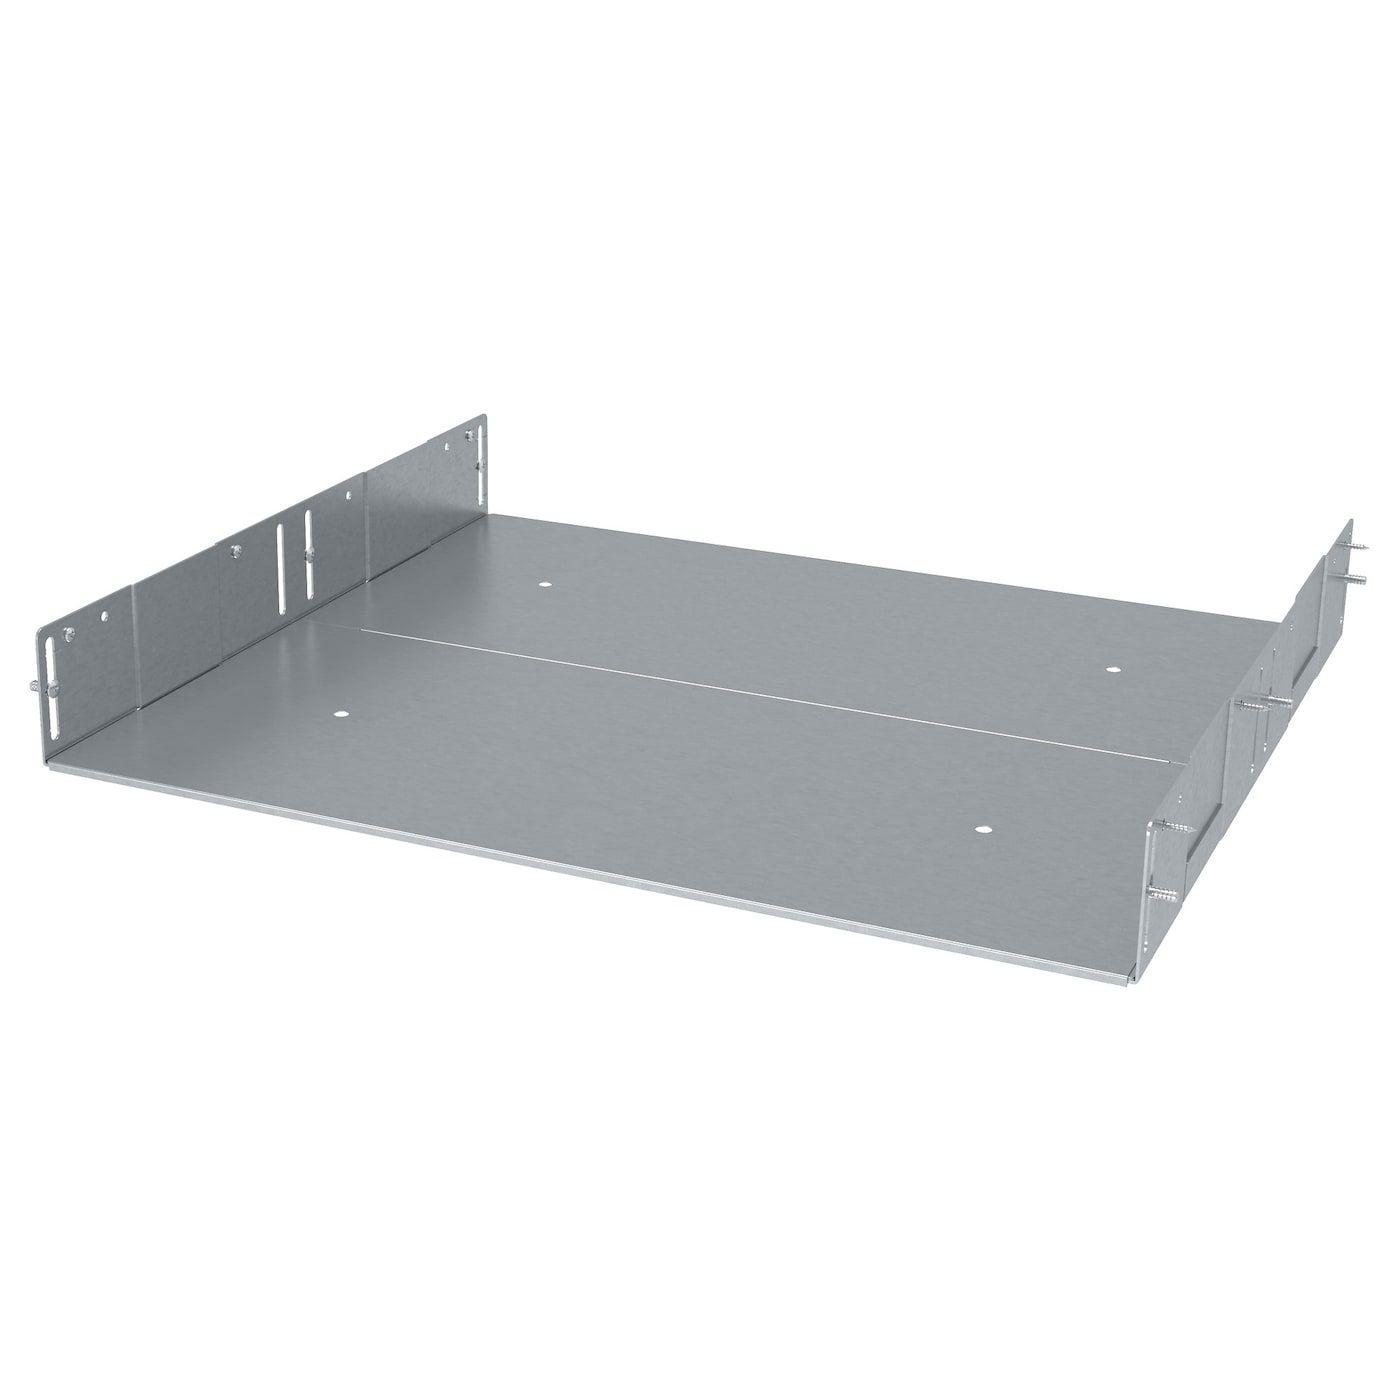 Utrusta Halterung Fur Backofen Verzinkt Einrichtung Ikea Und Halterung